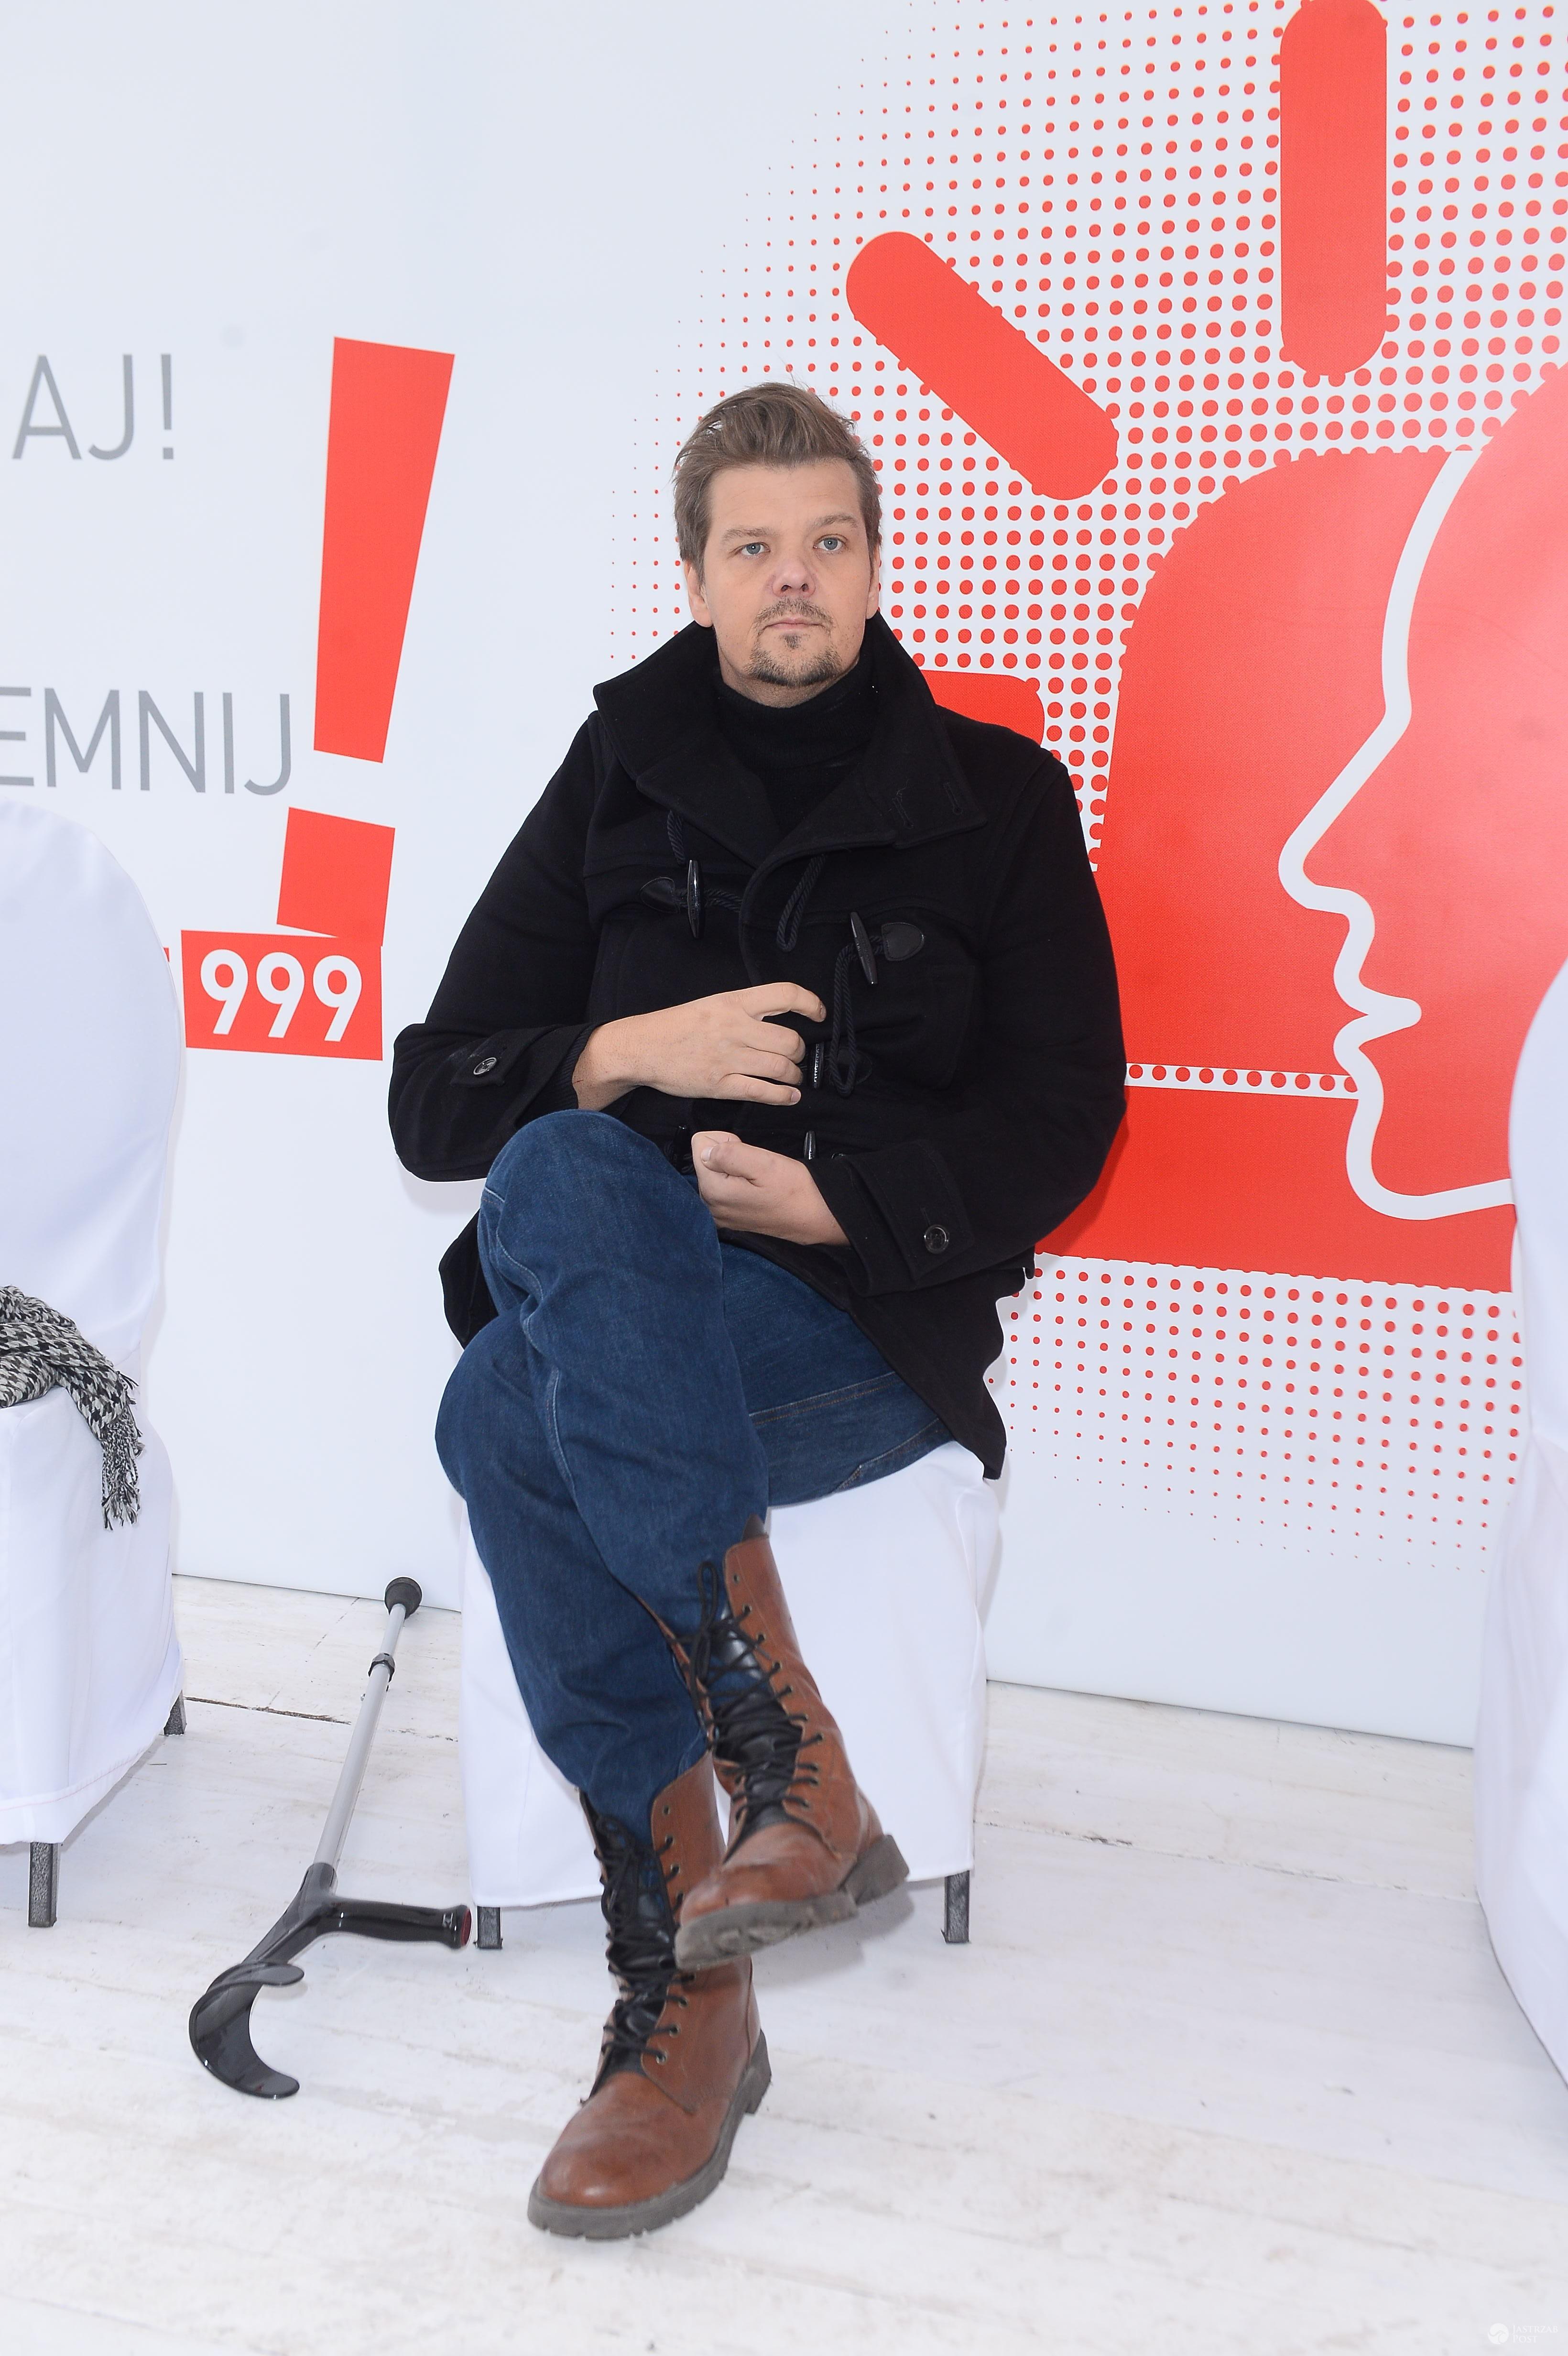 Michał Figurski podczas spotkania zorganizowanego w Światowy Dzień Udaru Mózgu